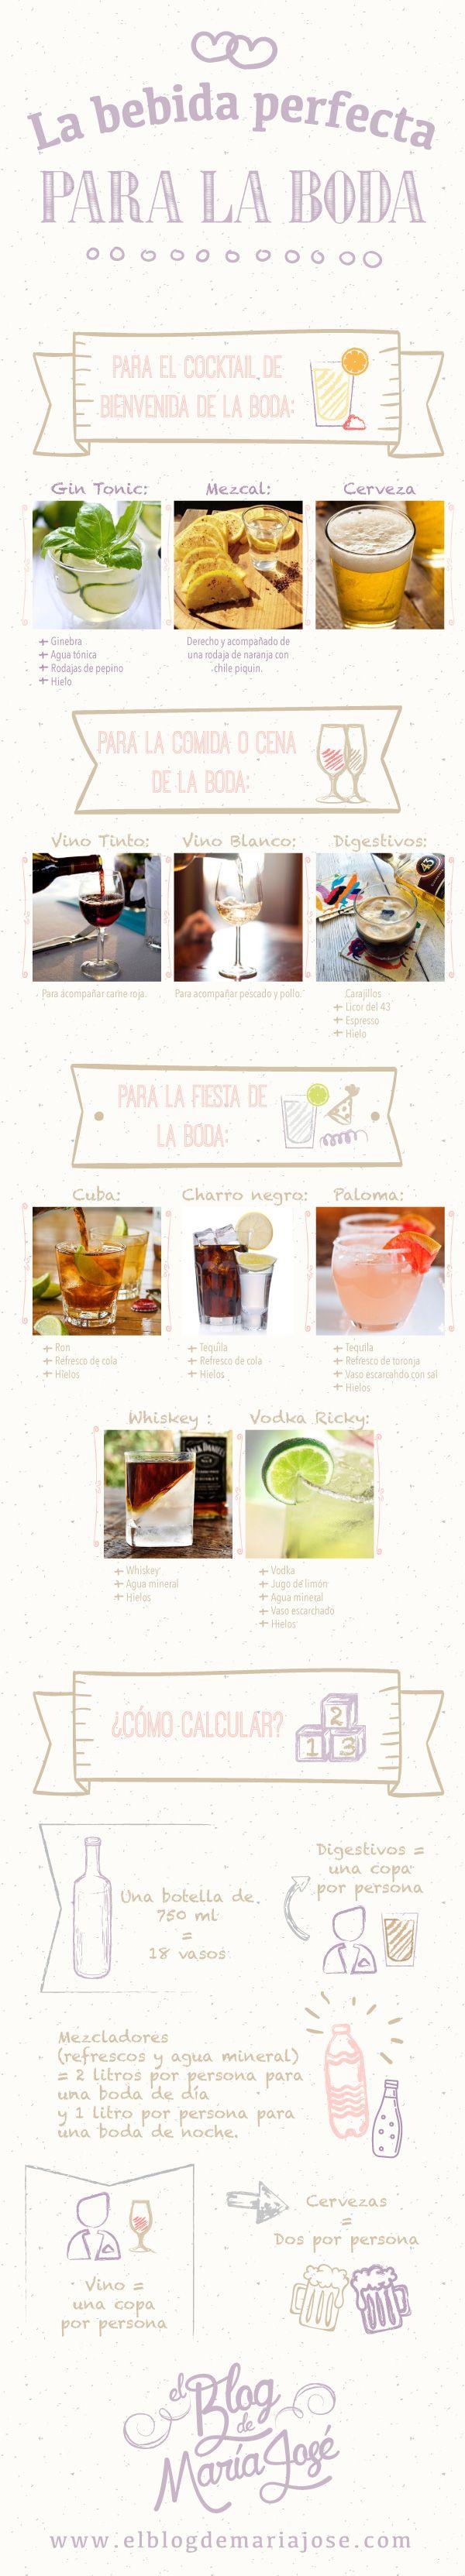 La Bebida Perfecta Para La Boda